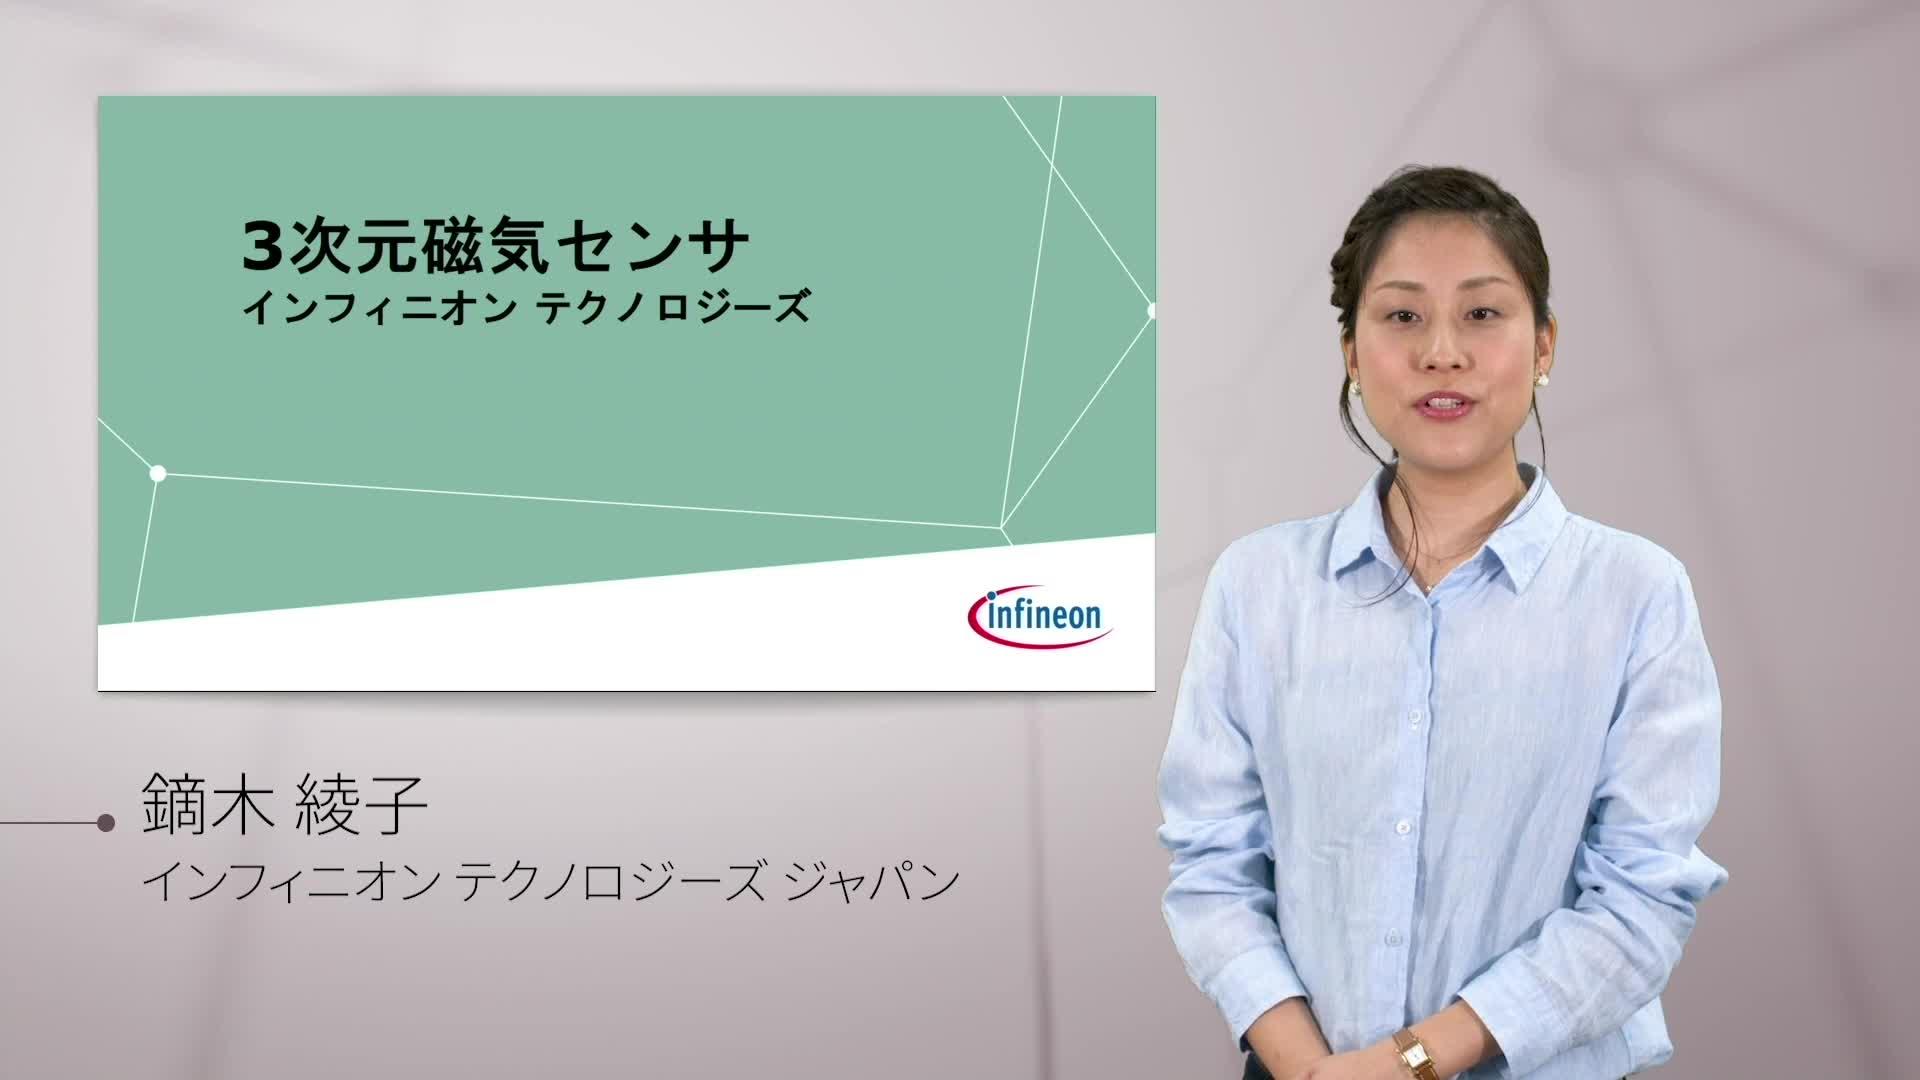 3次元磁気センサ 日本語ビデオ (2018年7月)